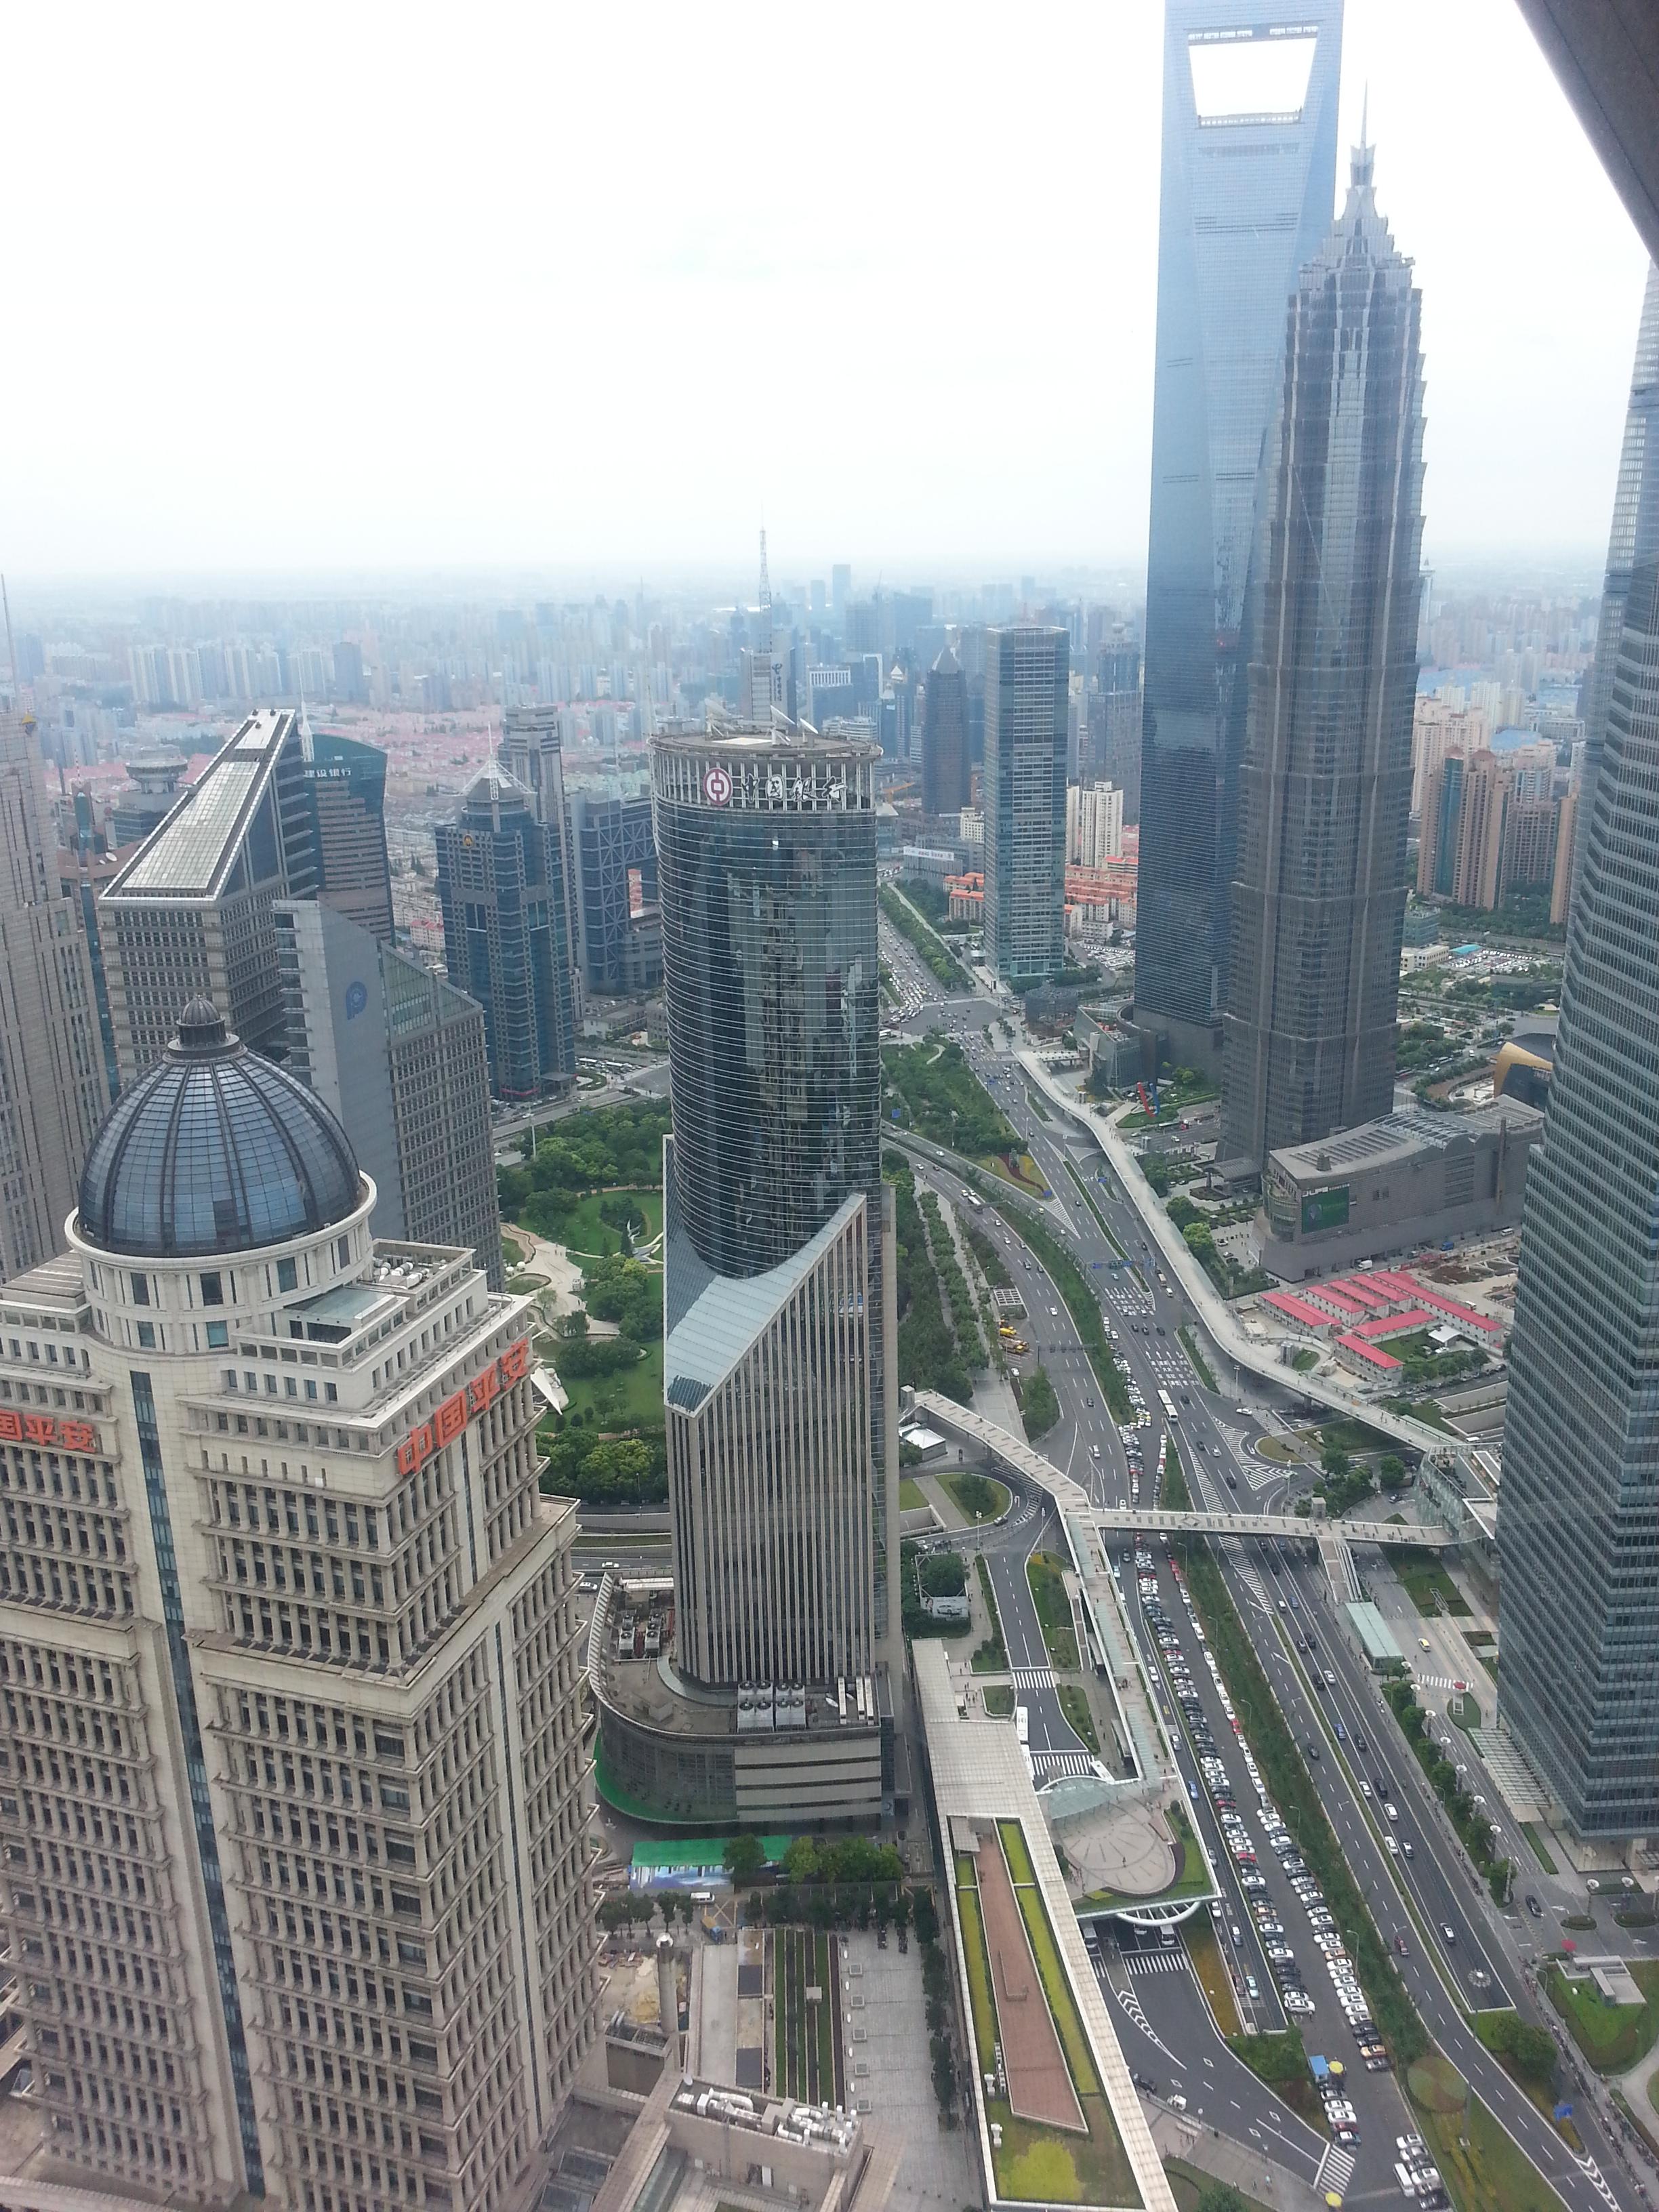 东方明珠东方明珠广播电视塔上海火车站到东方明珠很方便,1 驴妈妈点评